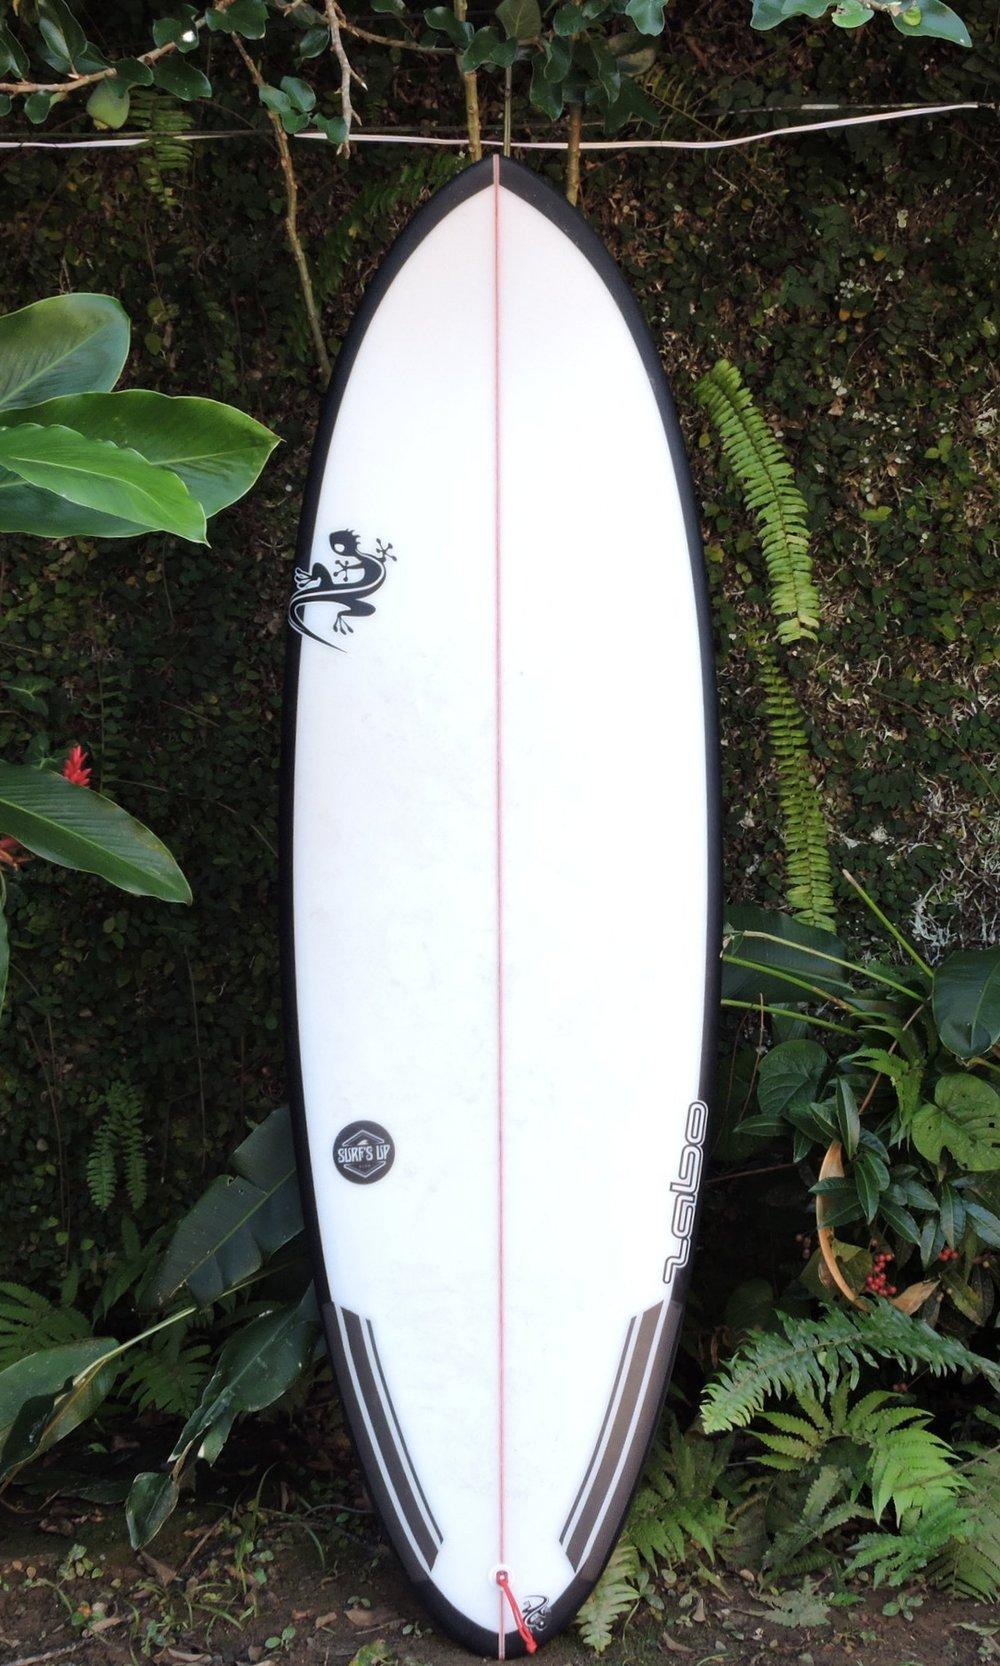 Total Flex - Zabo Surfboards5'5